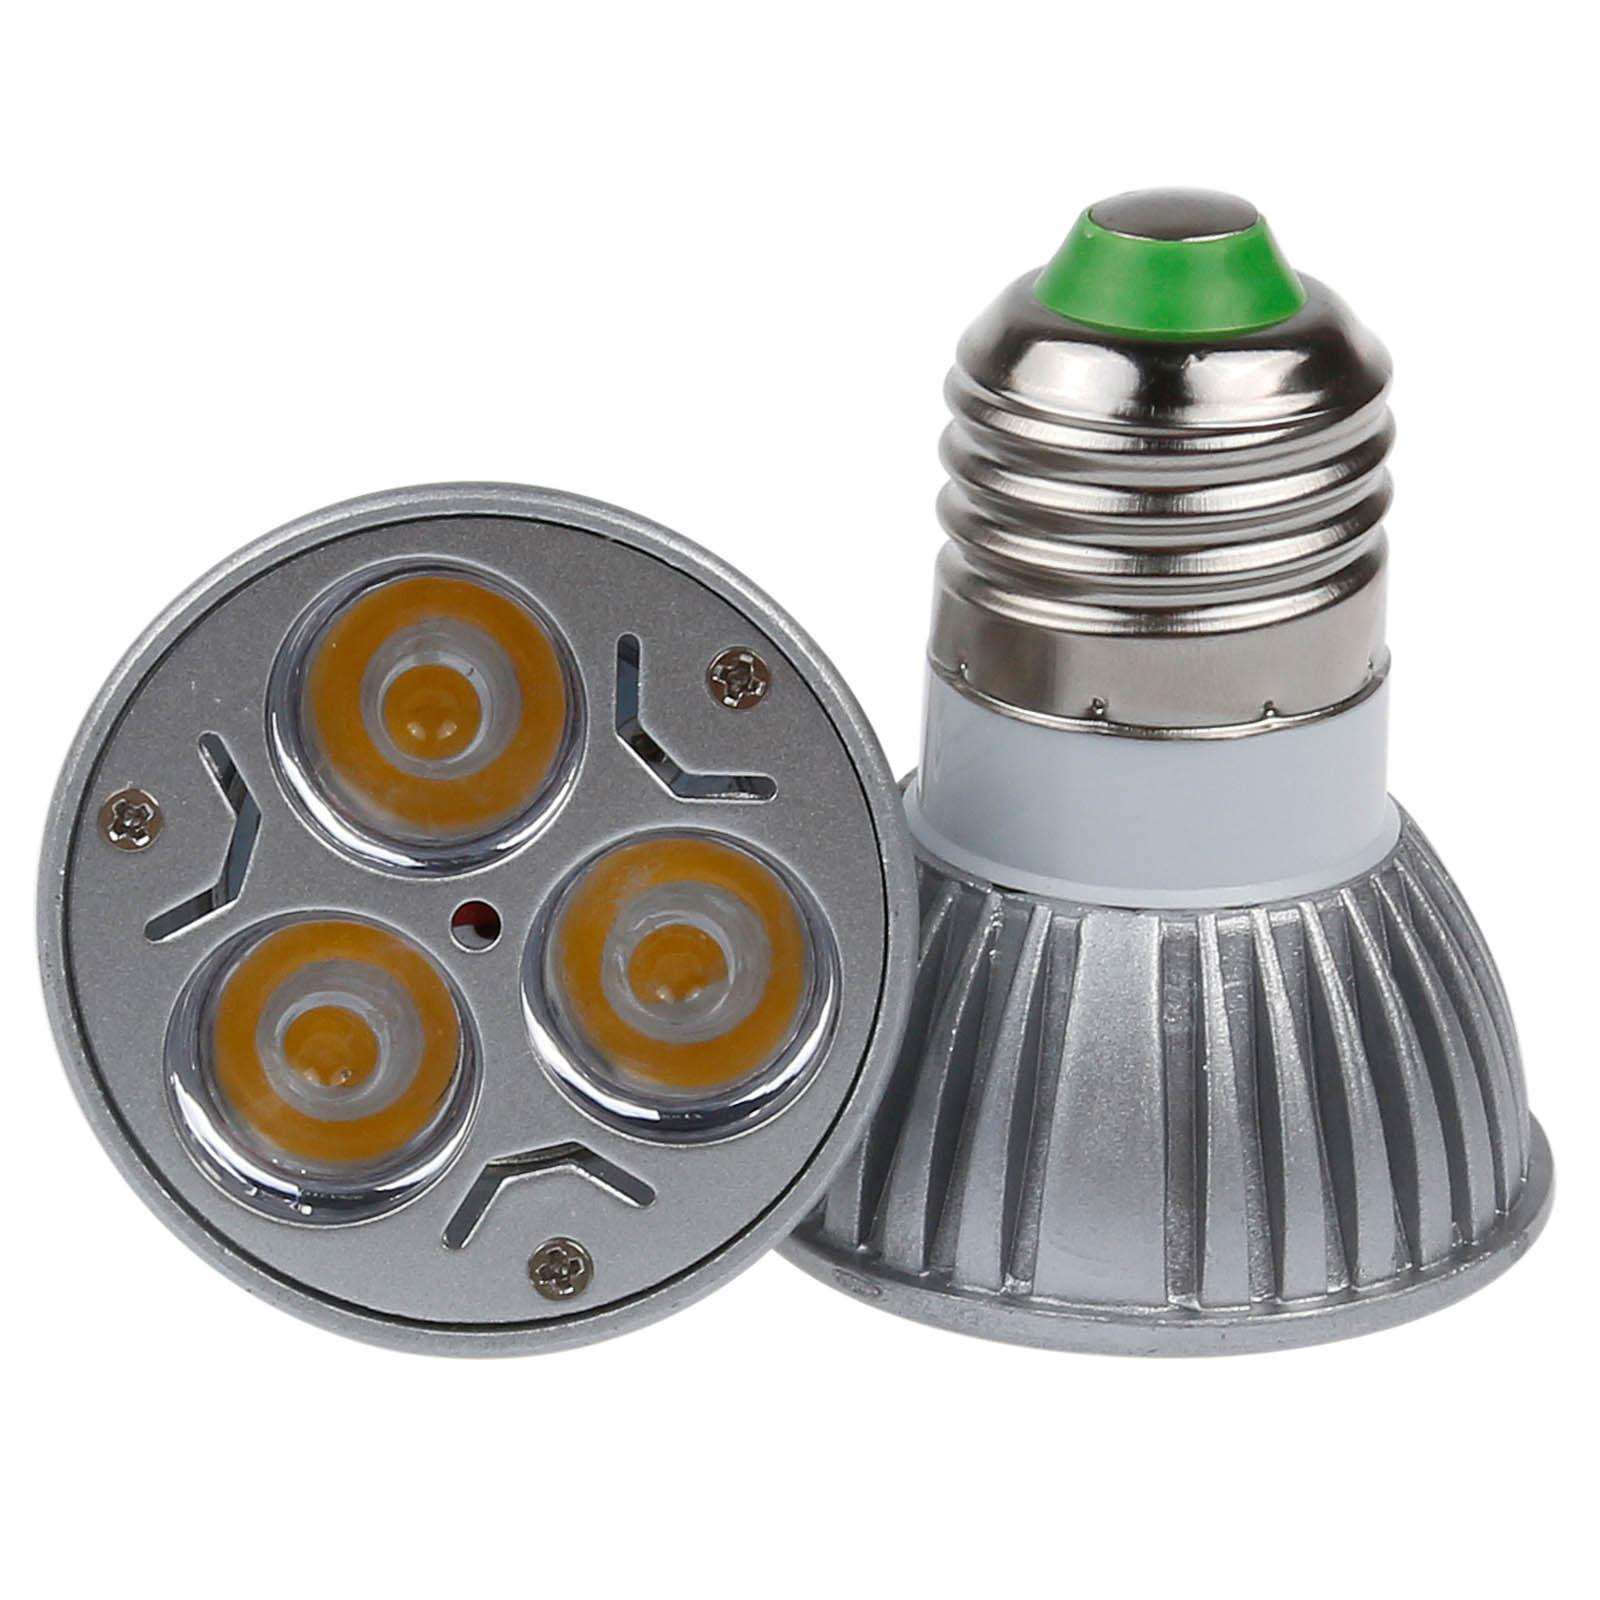 5x-bombillas-led-e27-spotlight-3w-high-power Spannende High Power Led E27 Dekorationen